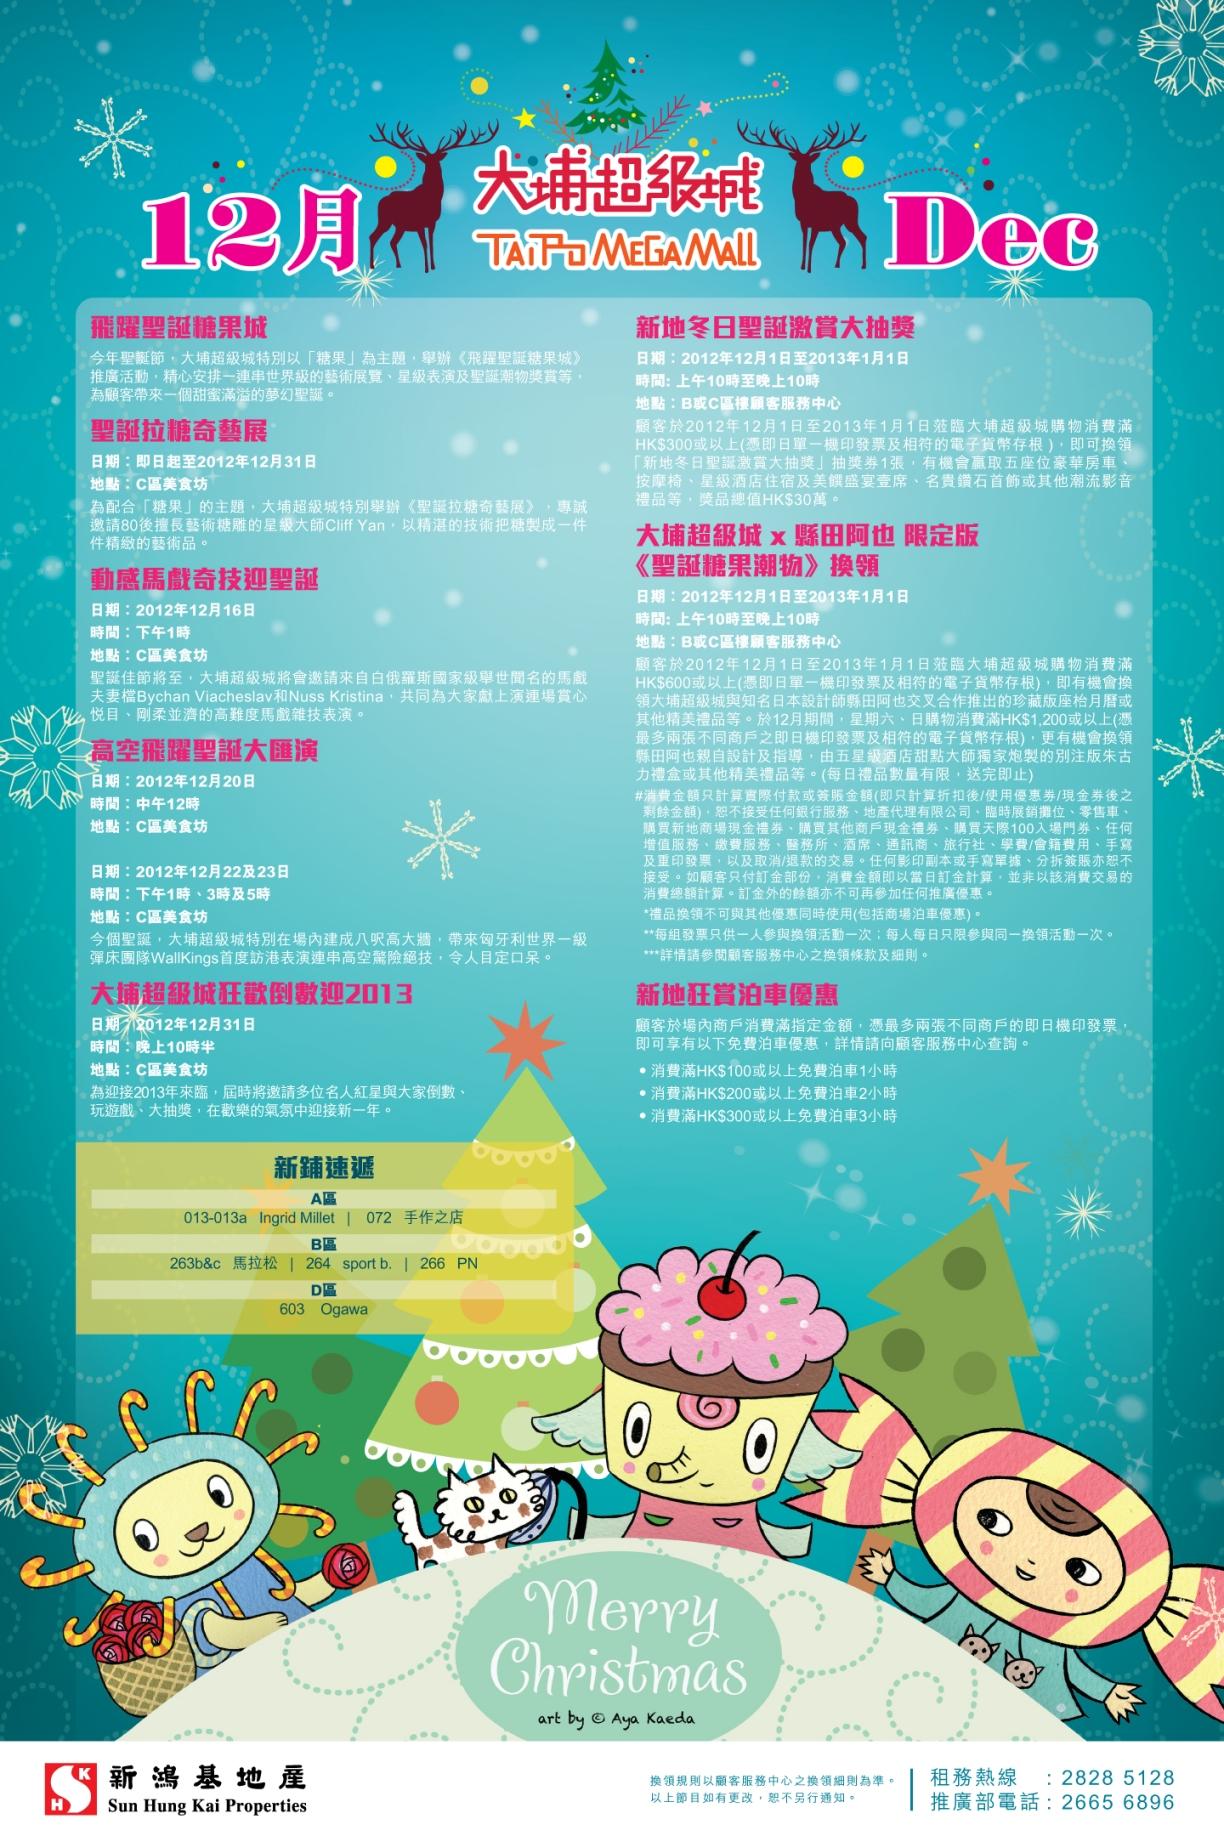 20121203104354_field10TPMM_Dec_2012R4_AW_08-01